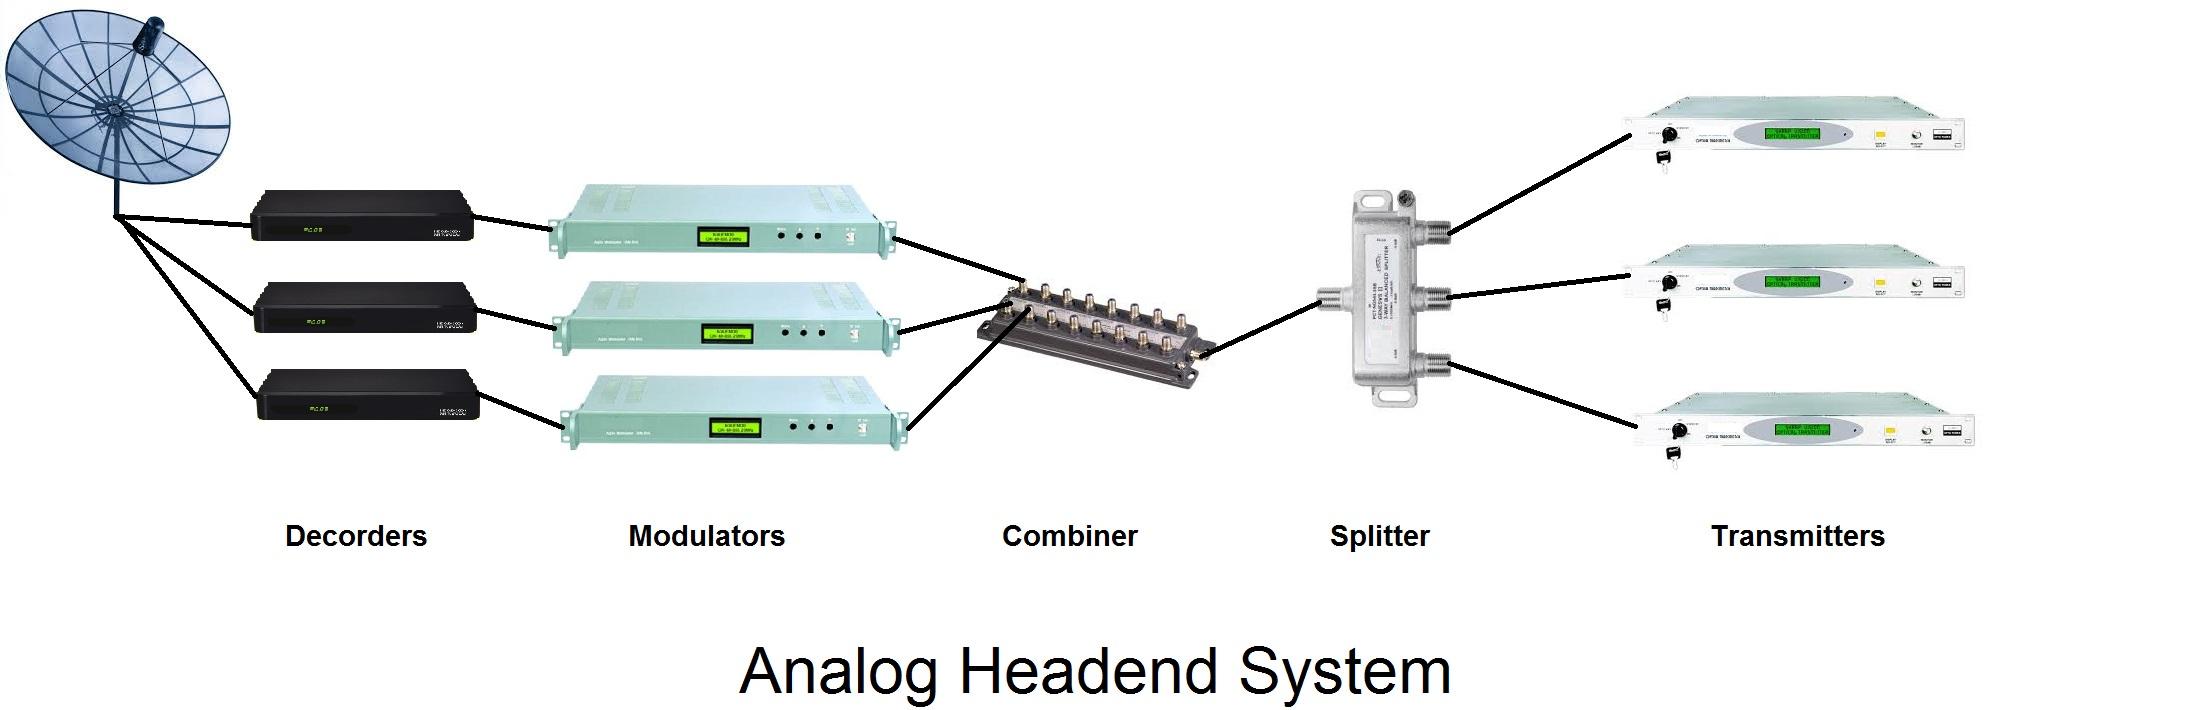 analog headend system